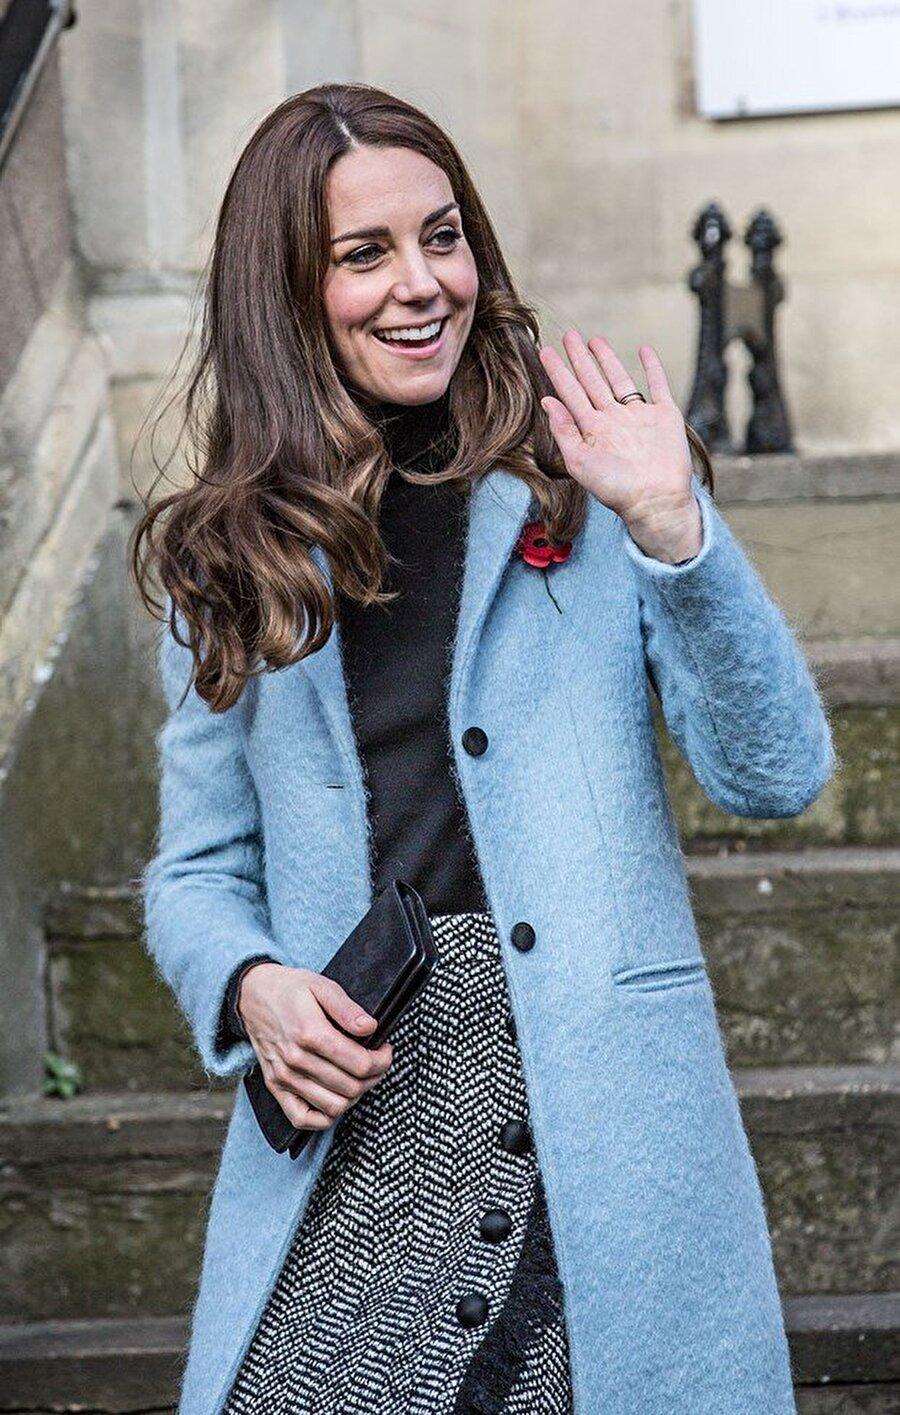 Zarif görünmesi amaçlanıyor                                                                           Prens Charles ve eşi Camilla'nın eski kahyası Grant Harrold, Kate Middleton'ın imza niteliğindeki, iki eliyle çantasını tutma pozunun, el sıkışmaktan kaçınma isteğinden ziyade zarif bir duruş olarak kabul etmesinden kaynaklandığını söyledi.